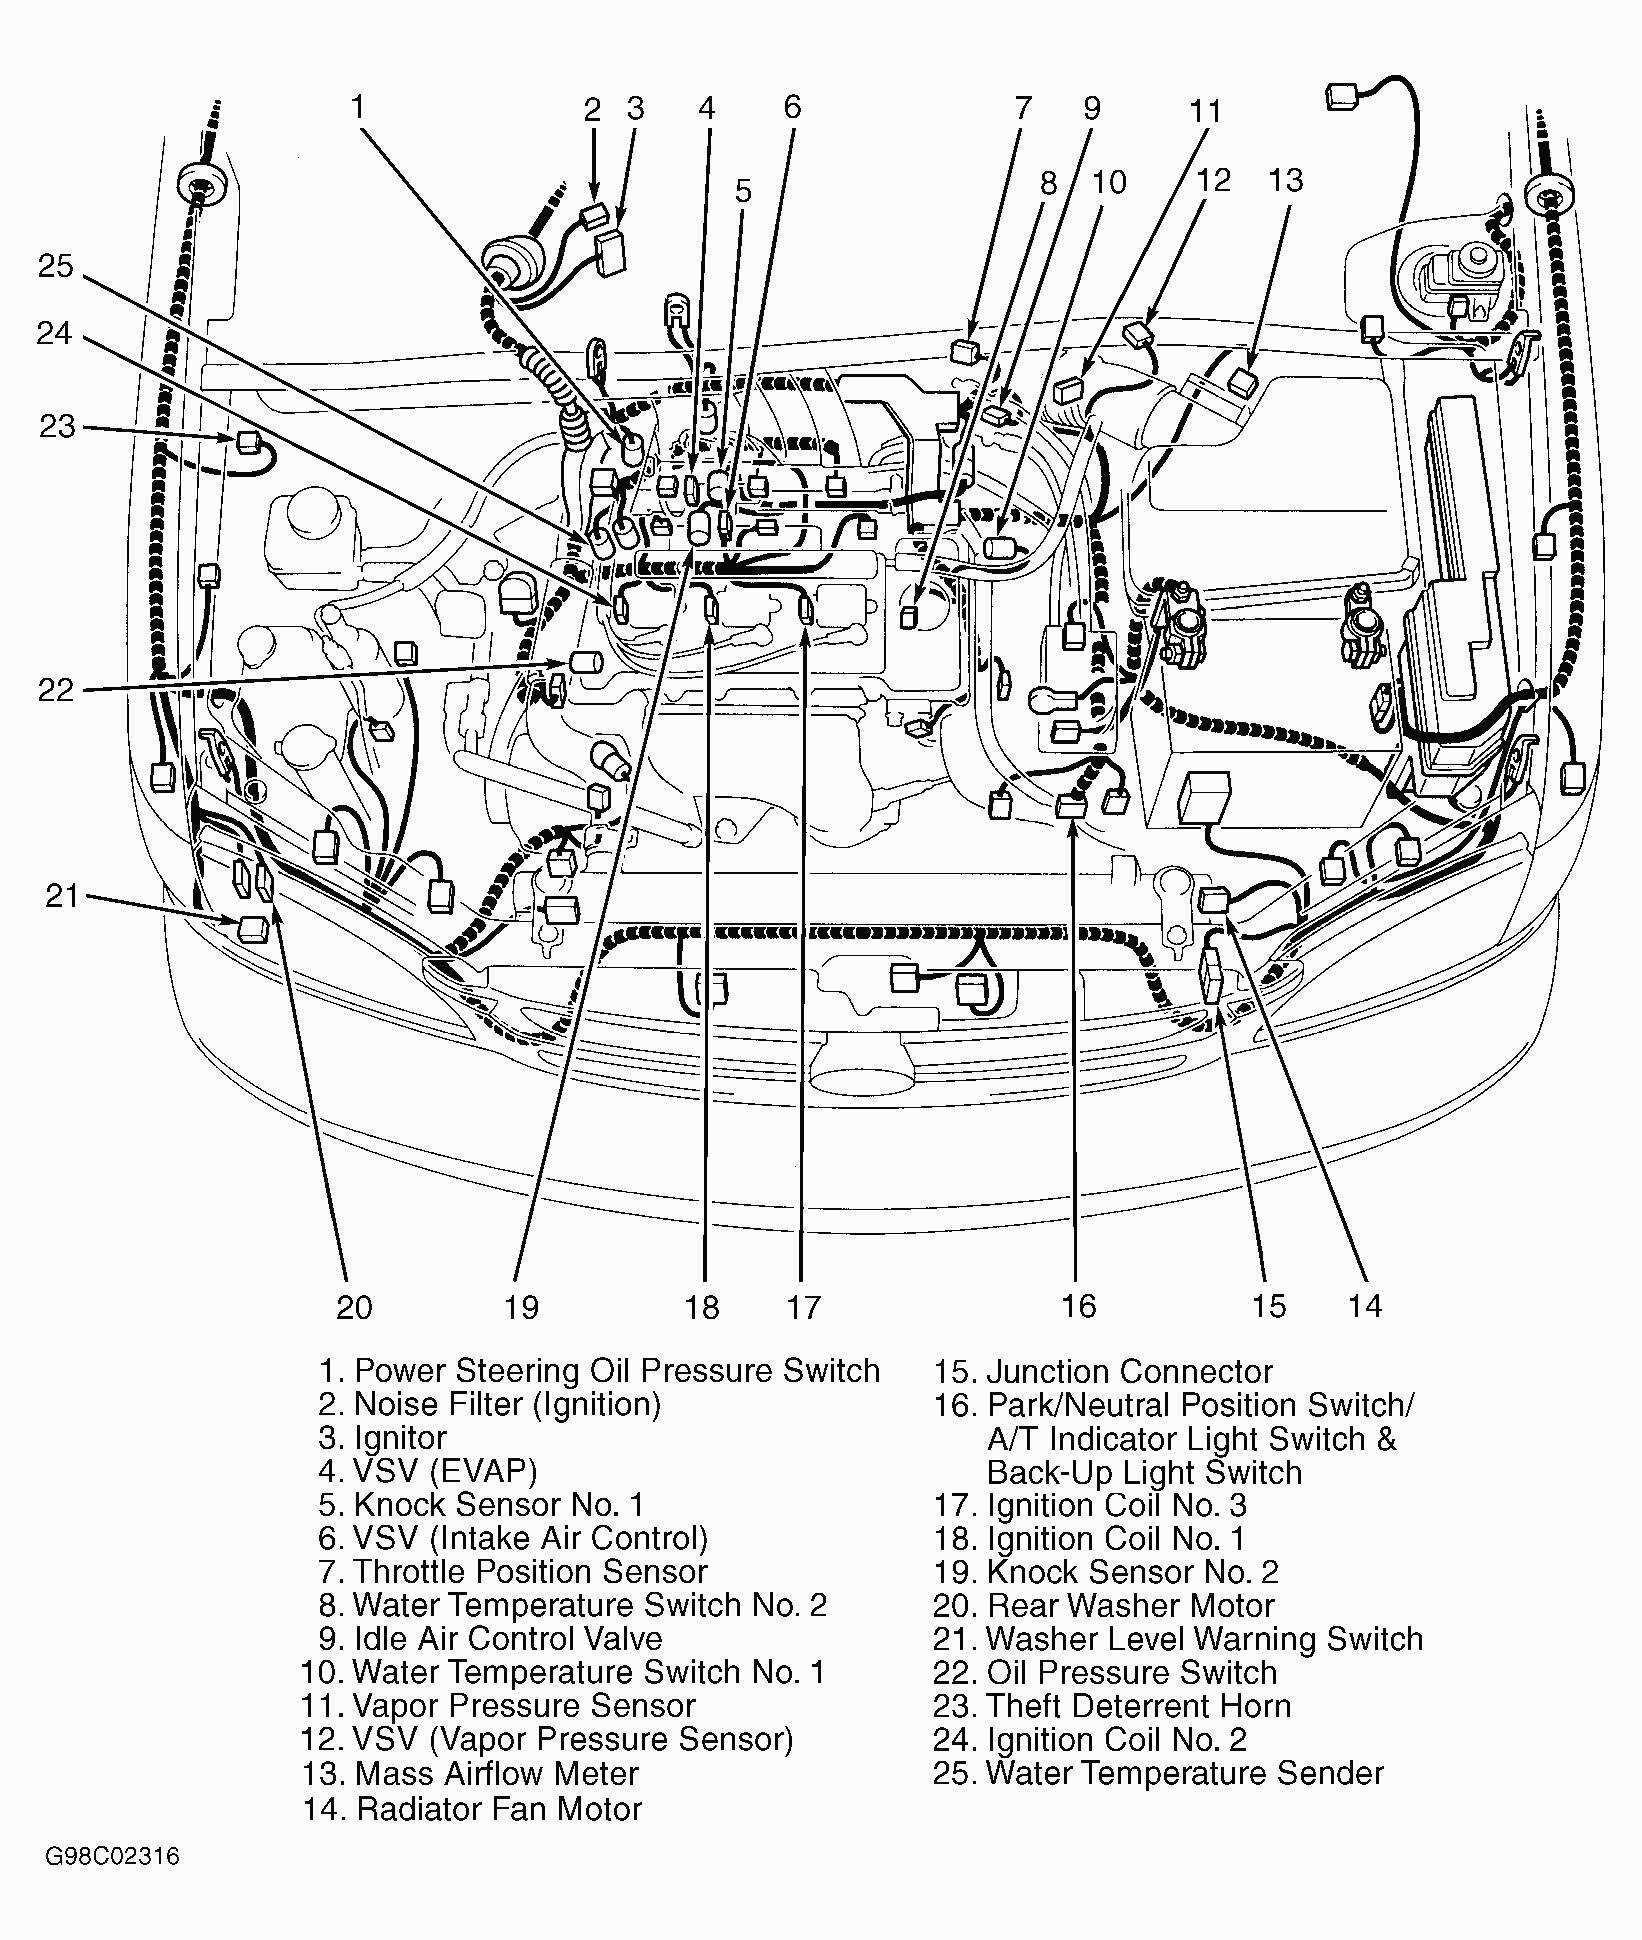 [SCHEMATICS_48YU]  467849 Lexus E300 1995 Wiring Diagram | Wiring Library | Lexus Es 300 Engine Diagram |  | Wiring Library